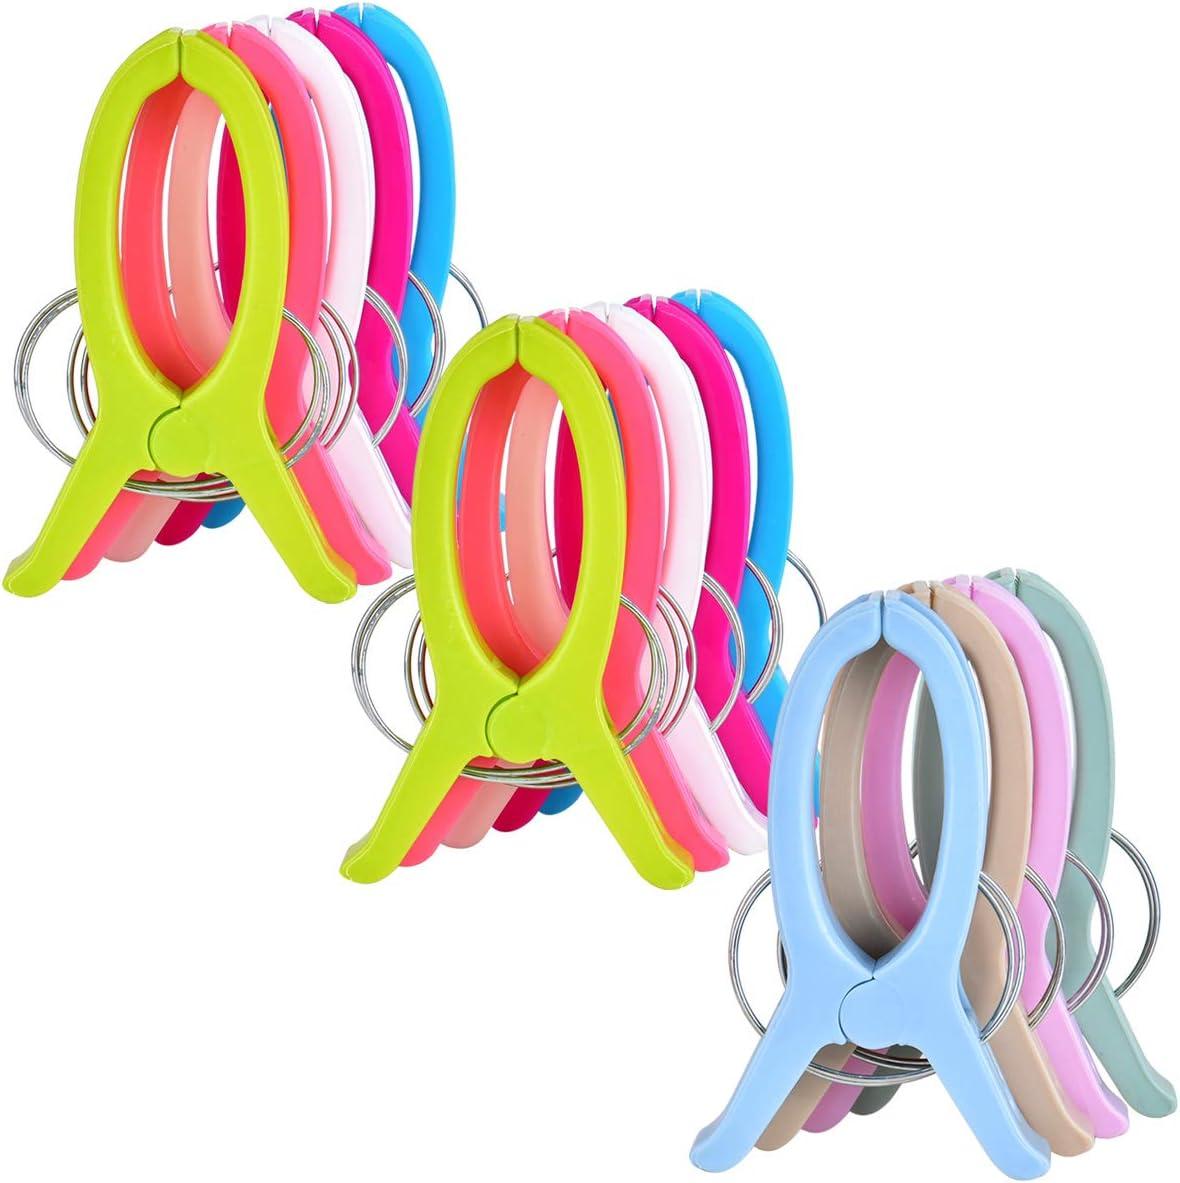 Cozywind 14pcs Grandes Pinzas Toalla Playa Clips de Plástico Fuerte Resistente a Viento para Sillas de Playa,Tumbona, Casa, Coche, Piscina, Coloreado.